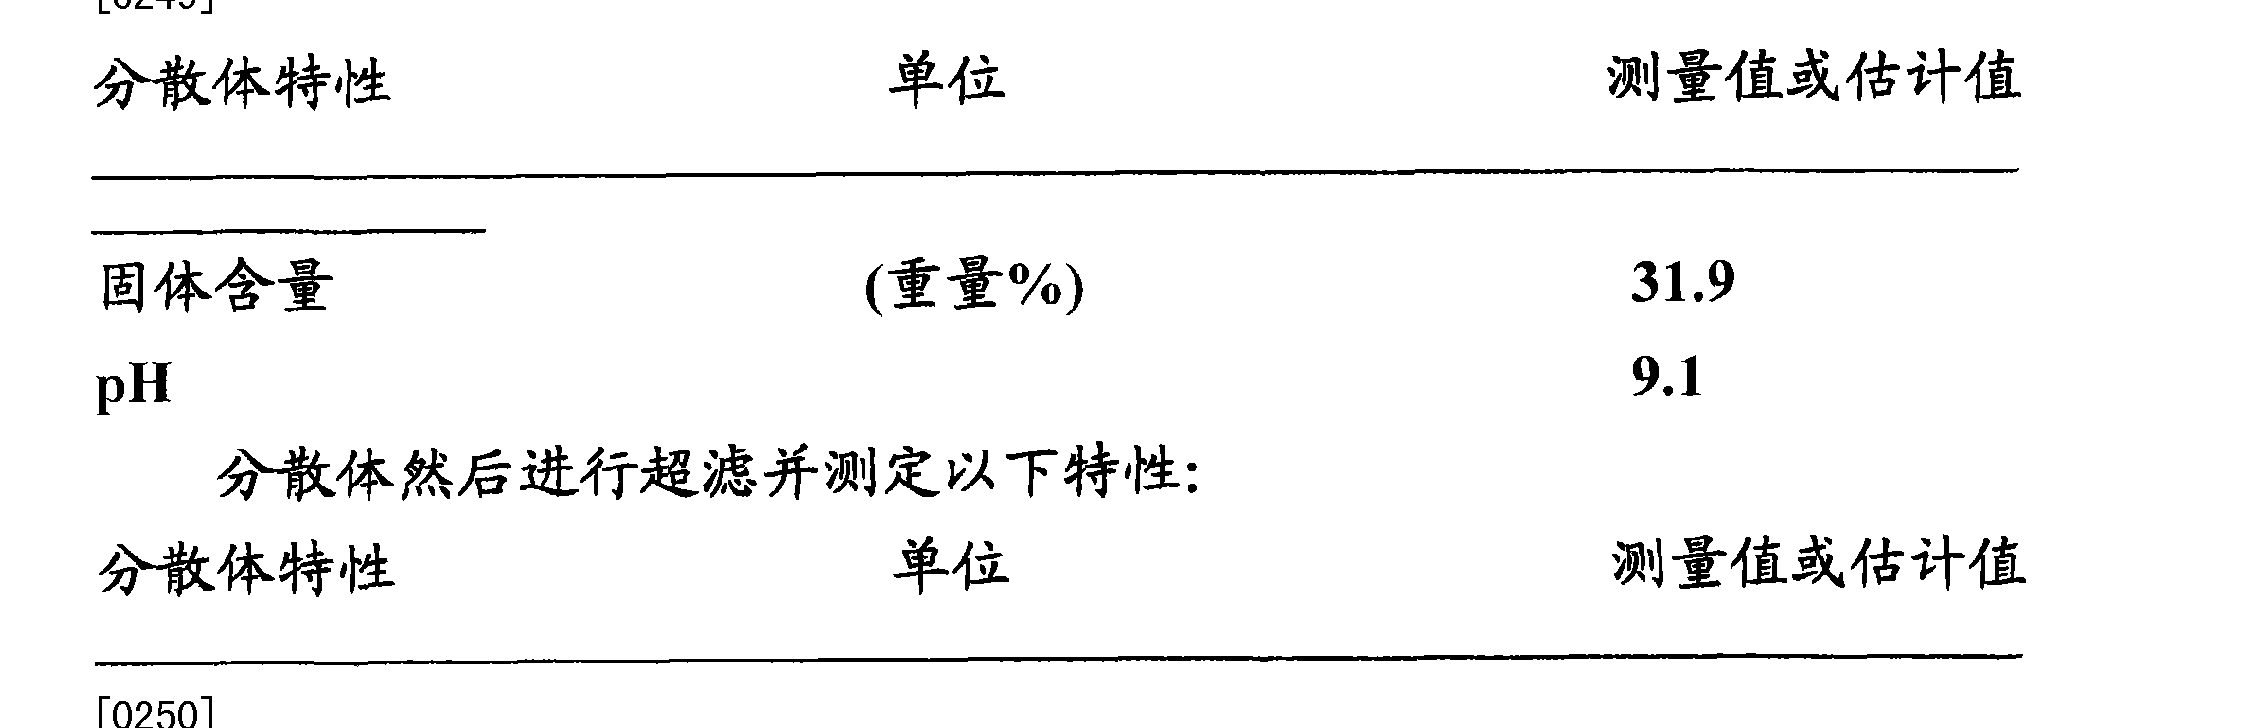 Figure CN101778870BD00262